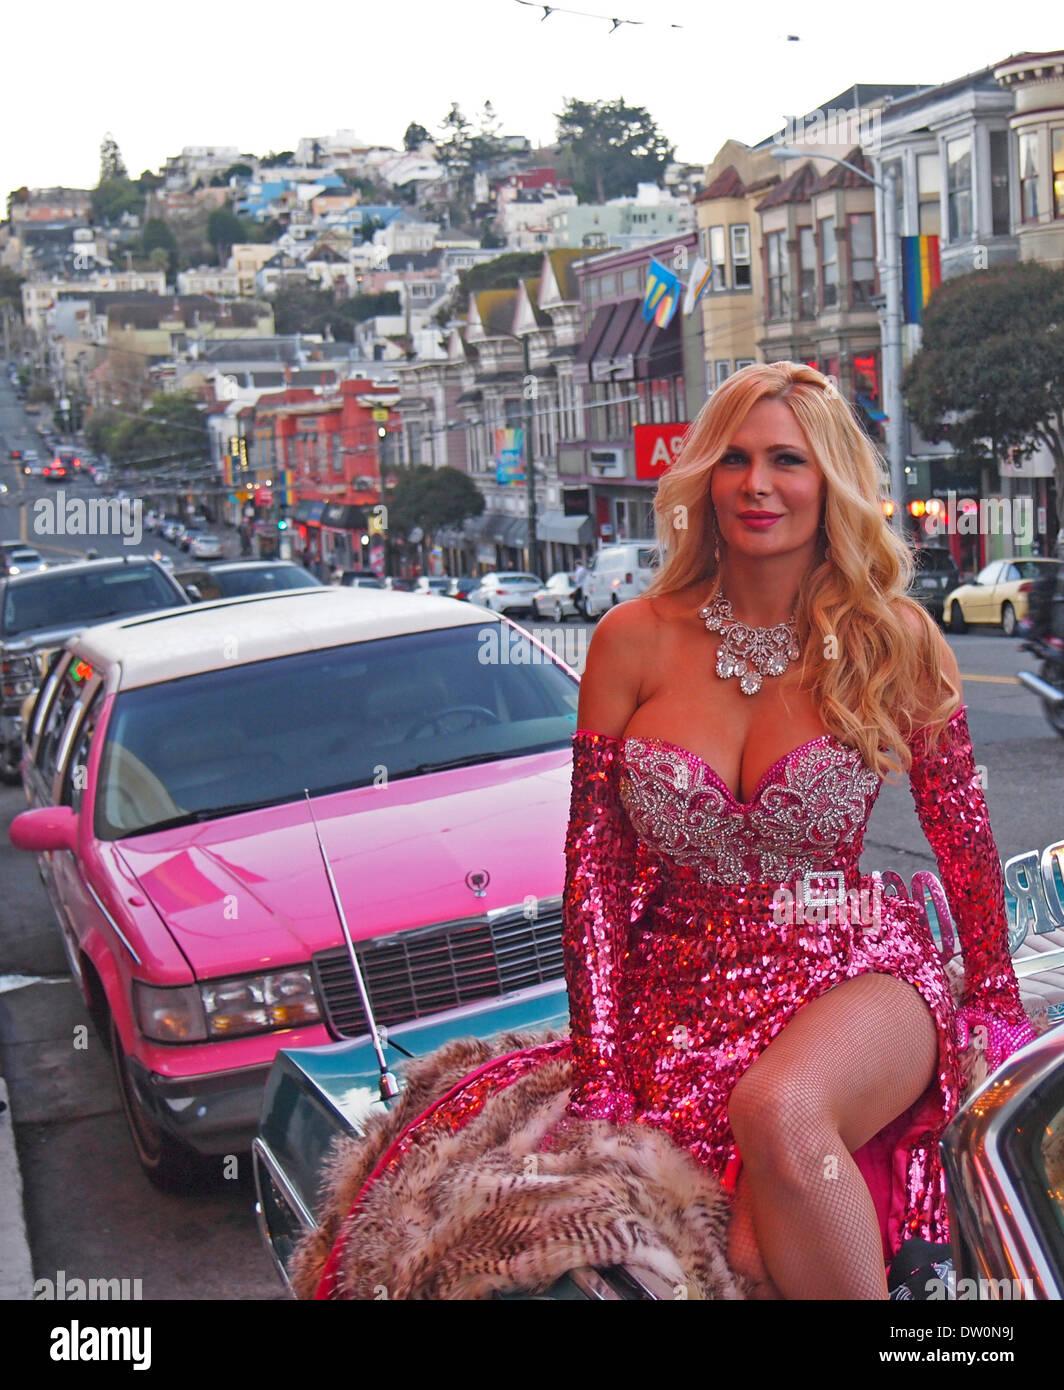 San Francisco, Stati Uniti d'America. 25 feb 2014. Celebrità performer Cassandra Cass al 2014 Nitey Awards a San Francisco nel quartiere Castro Credit: Robert Clay/Alamy Live News Immagini Stock